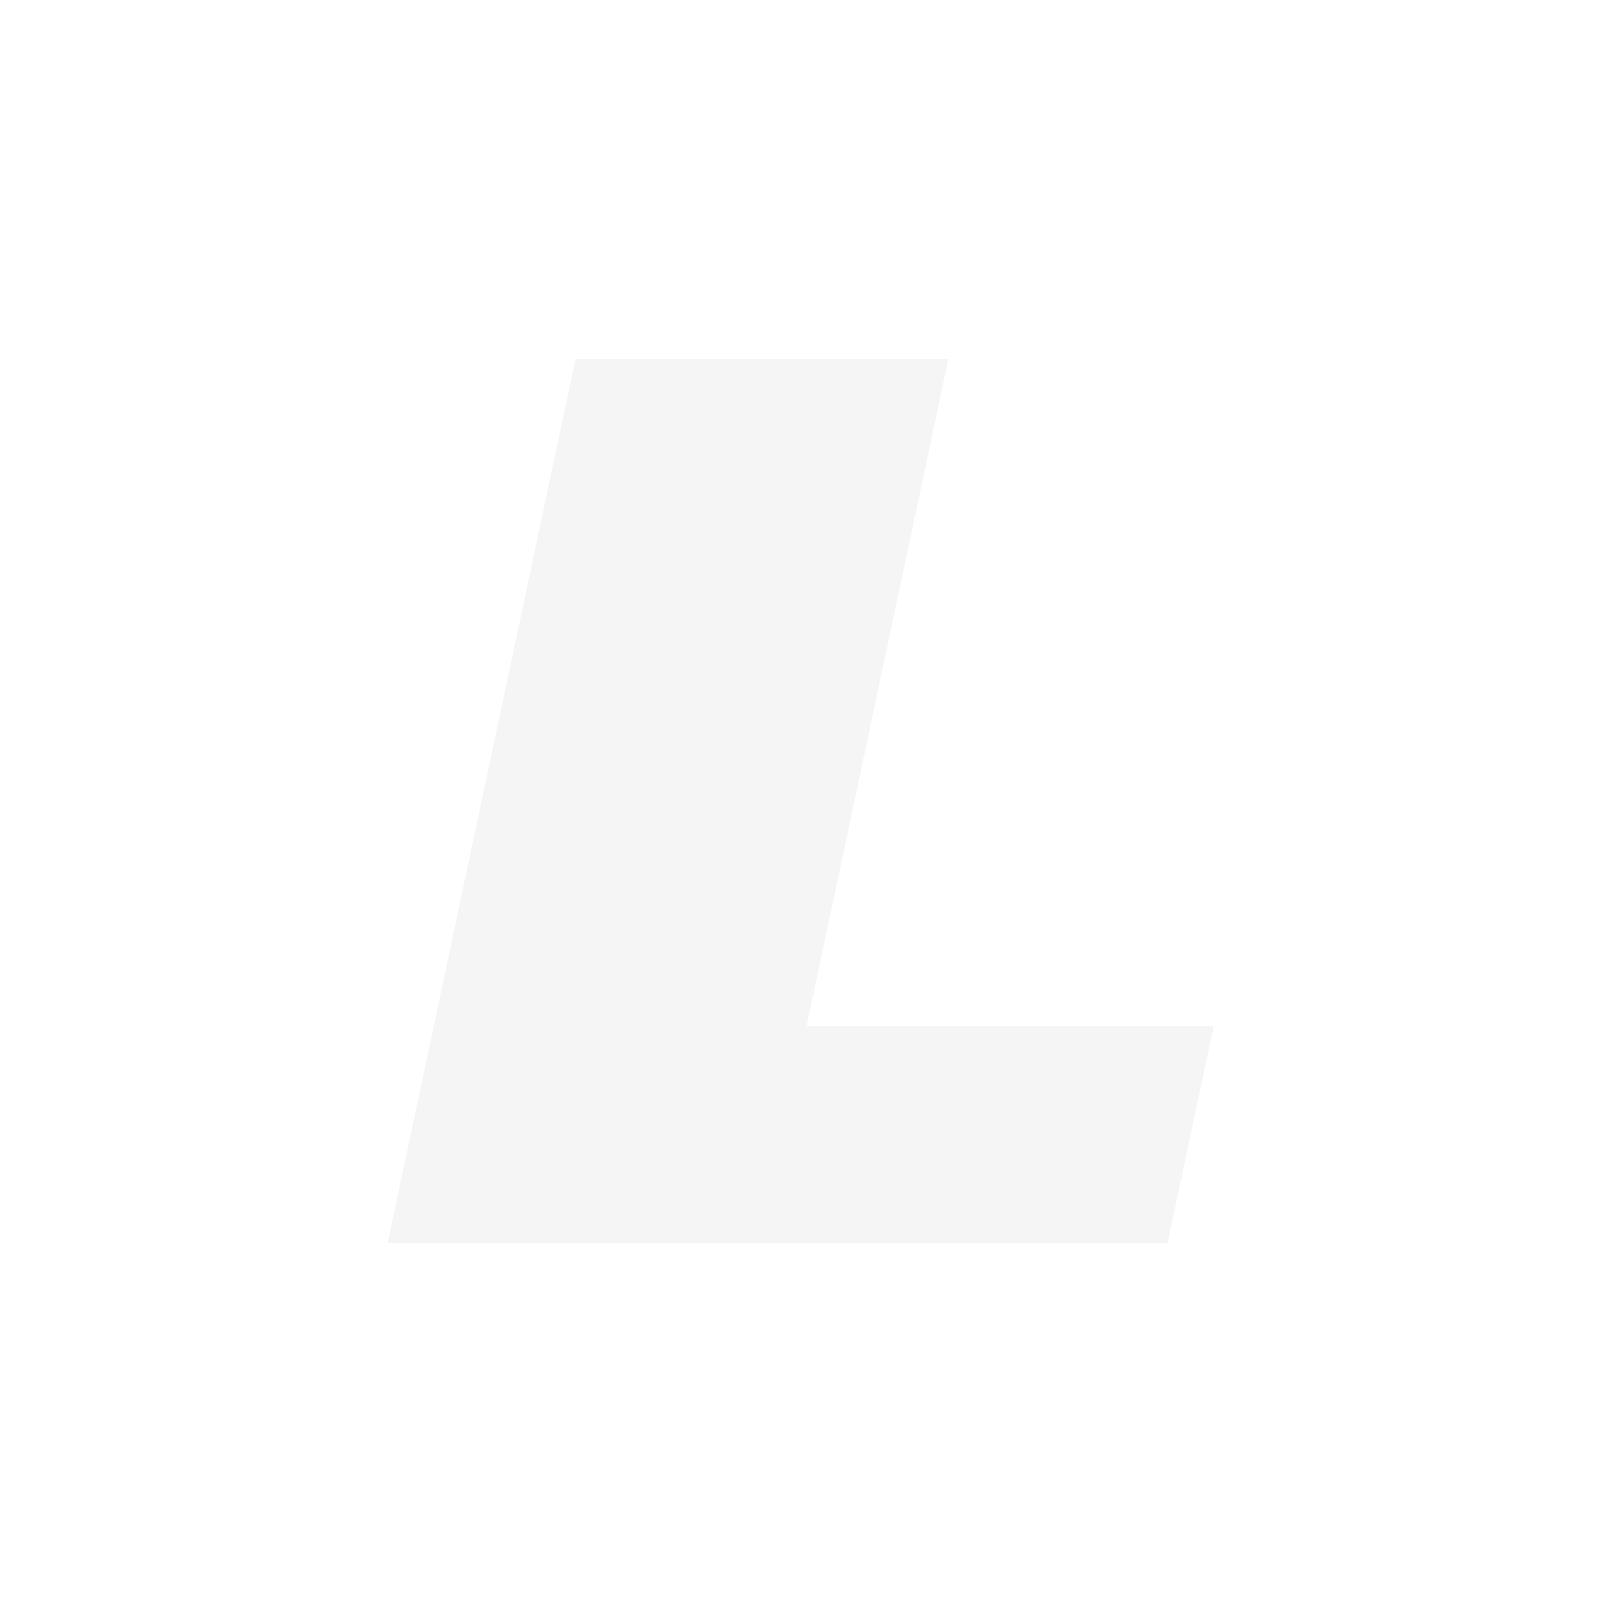 LOVELINK.CO